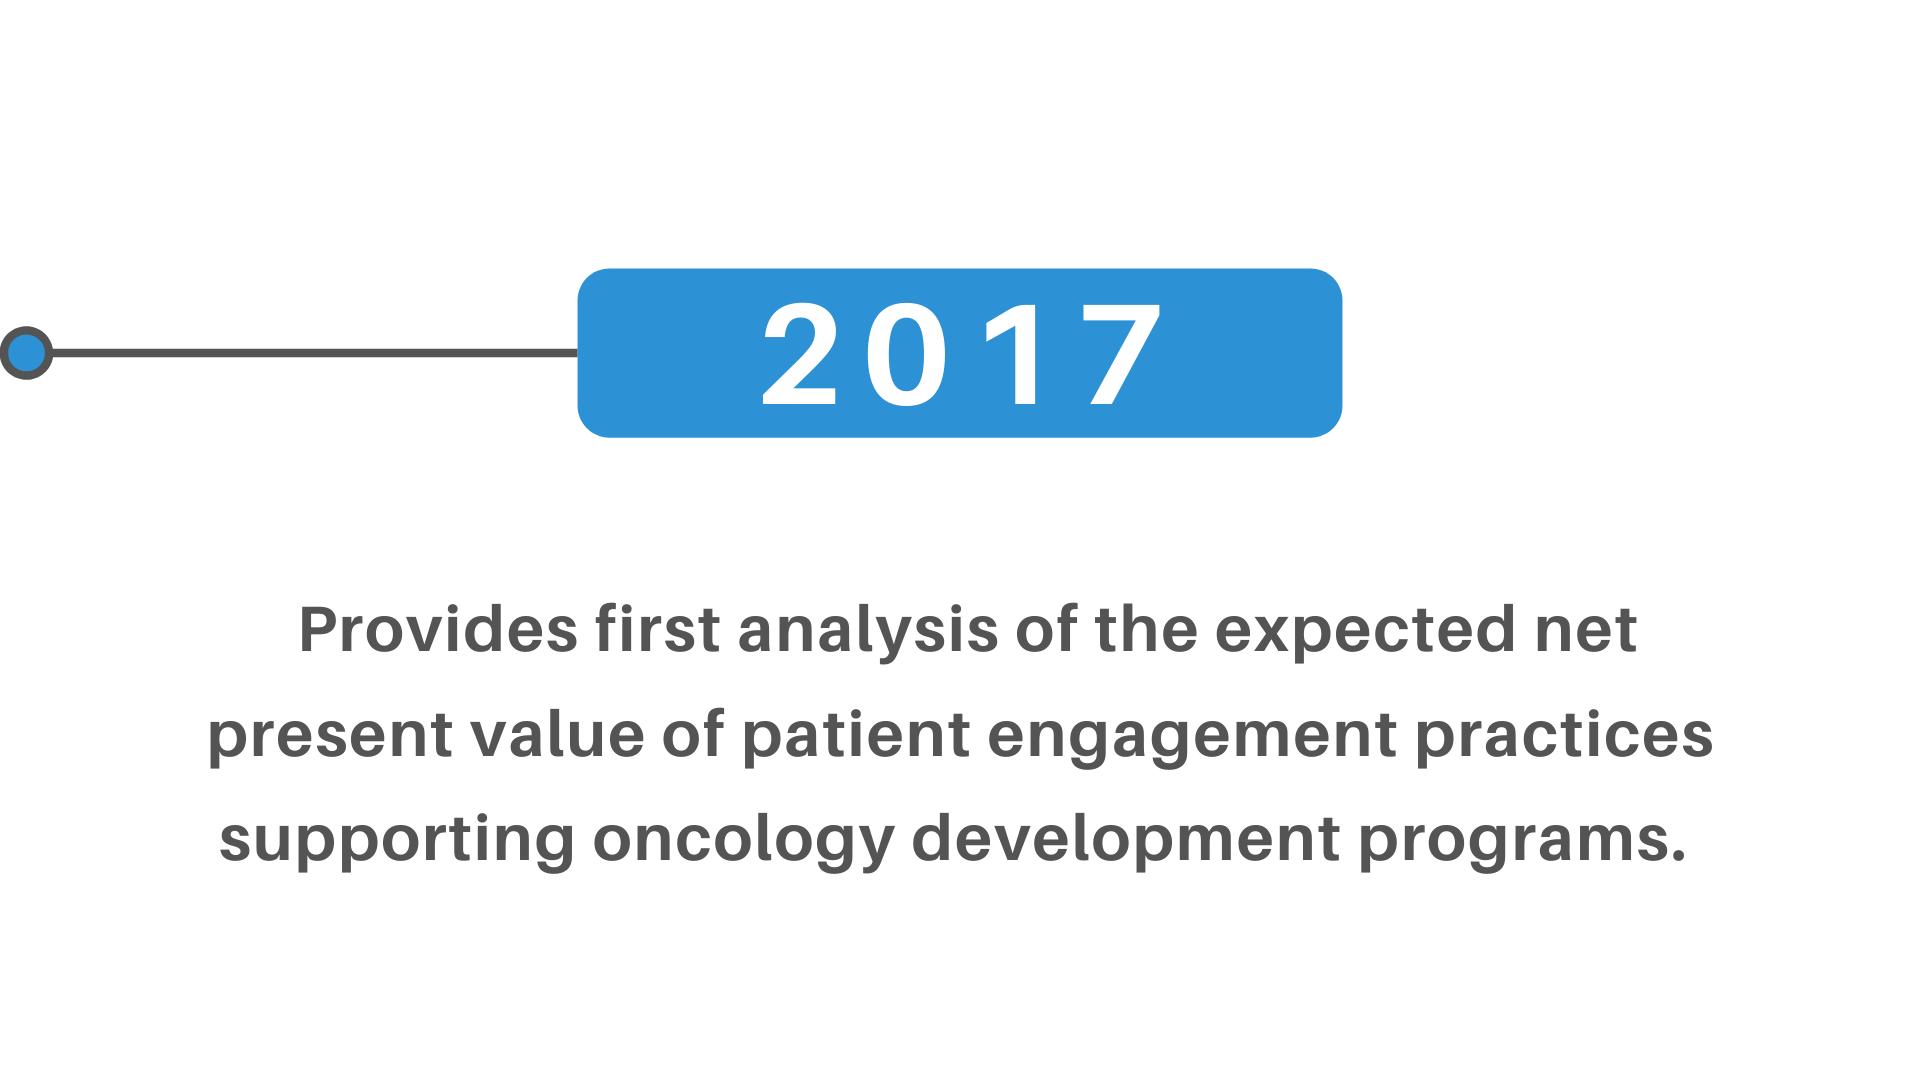 patient engagement oncology development programs